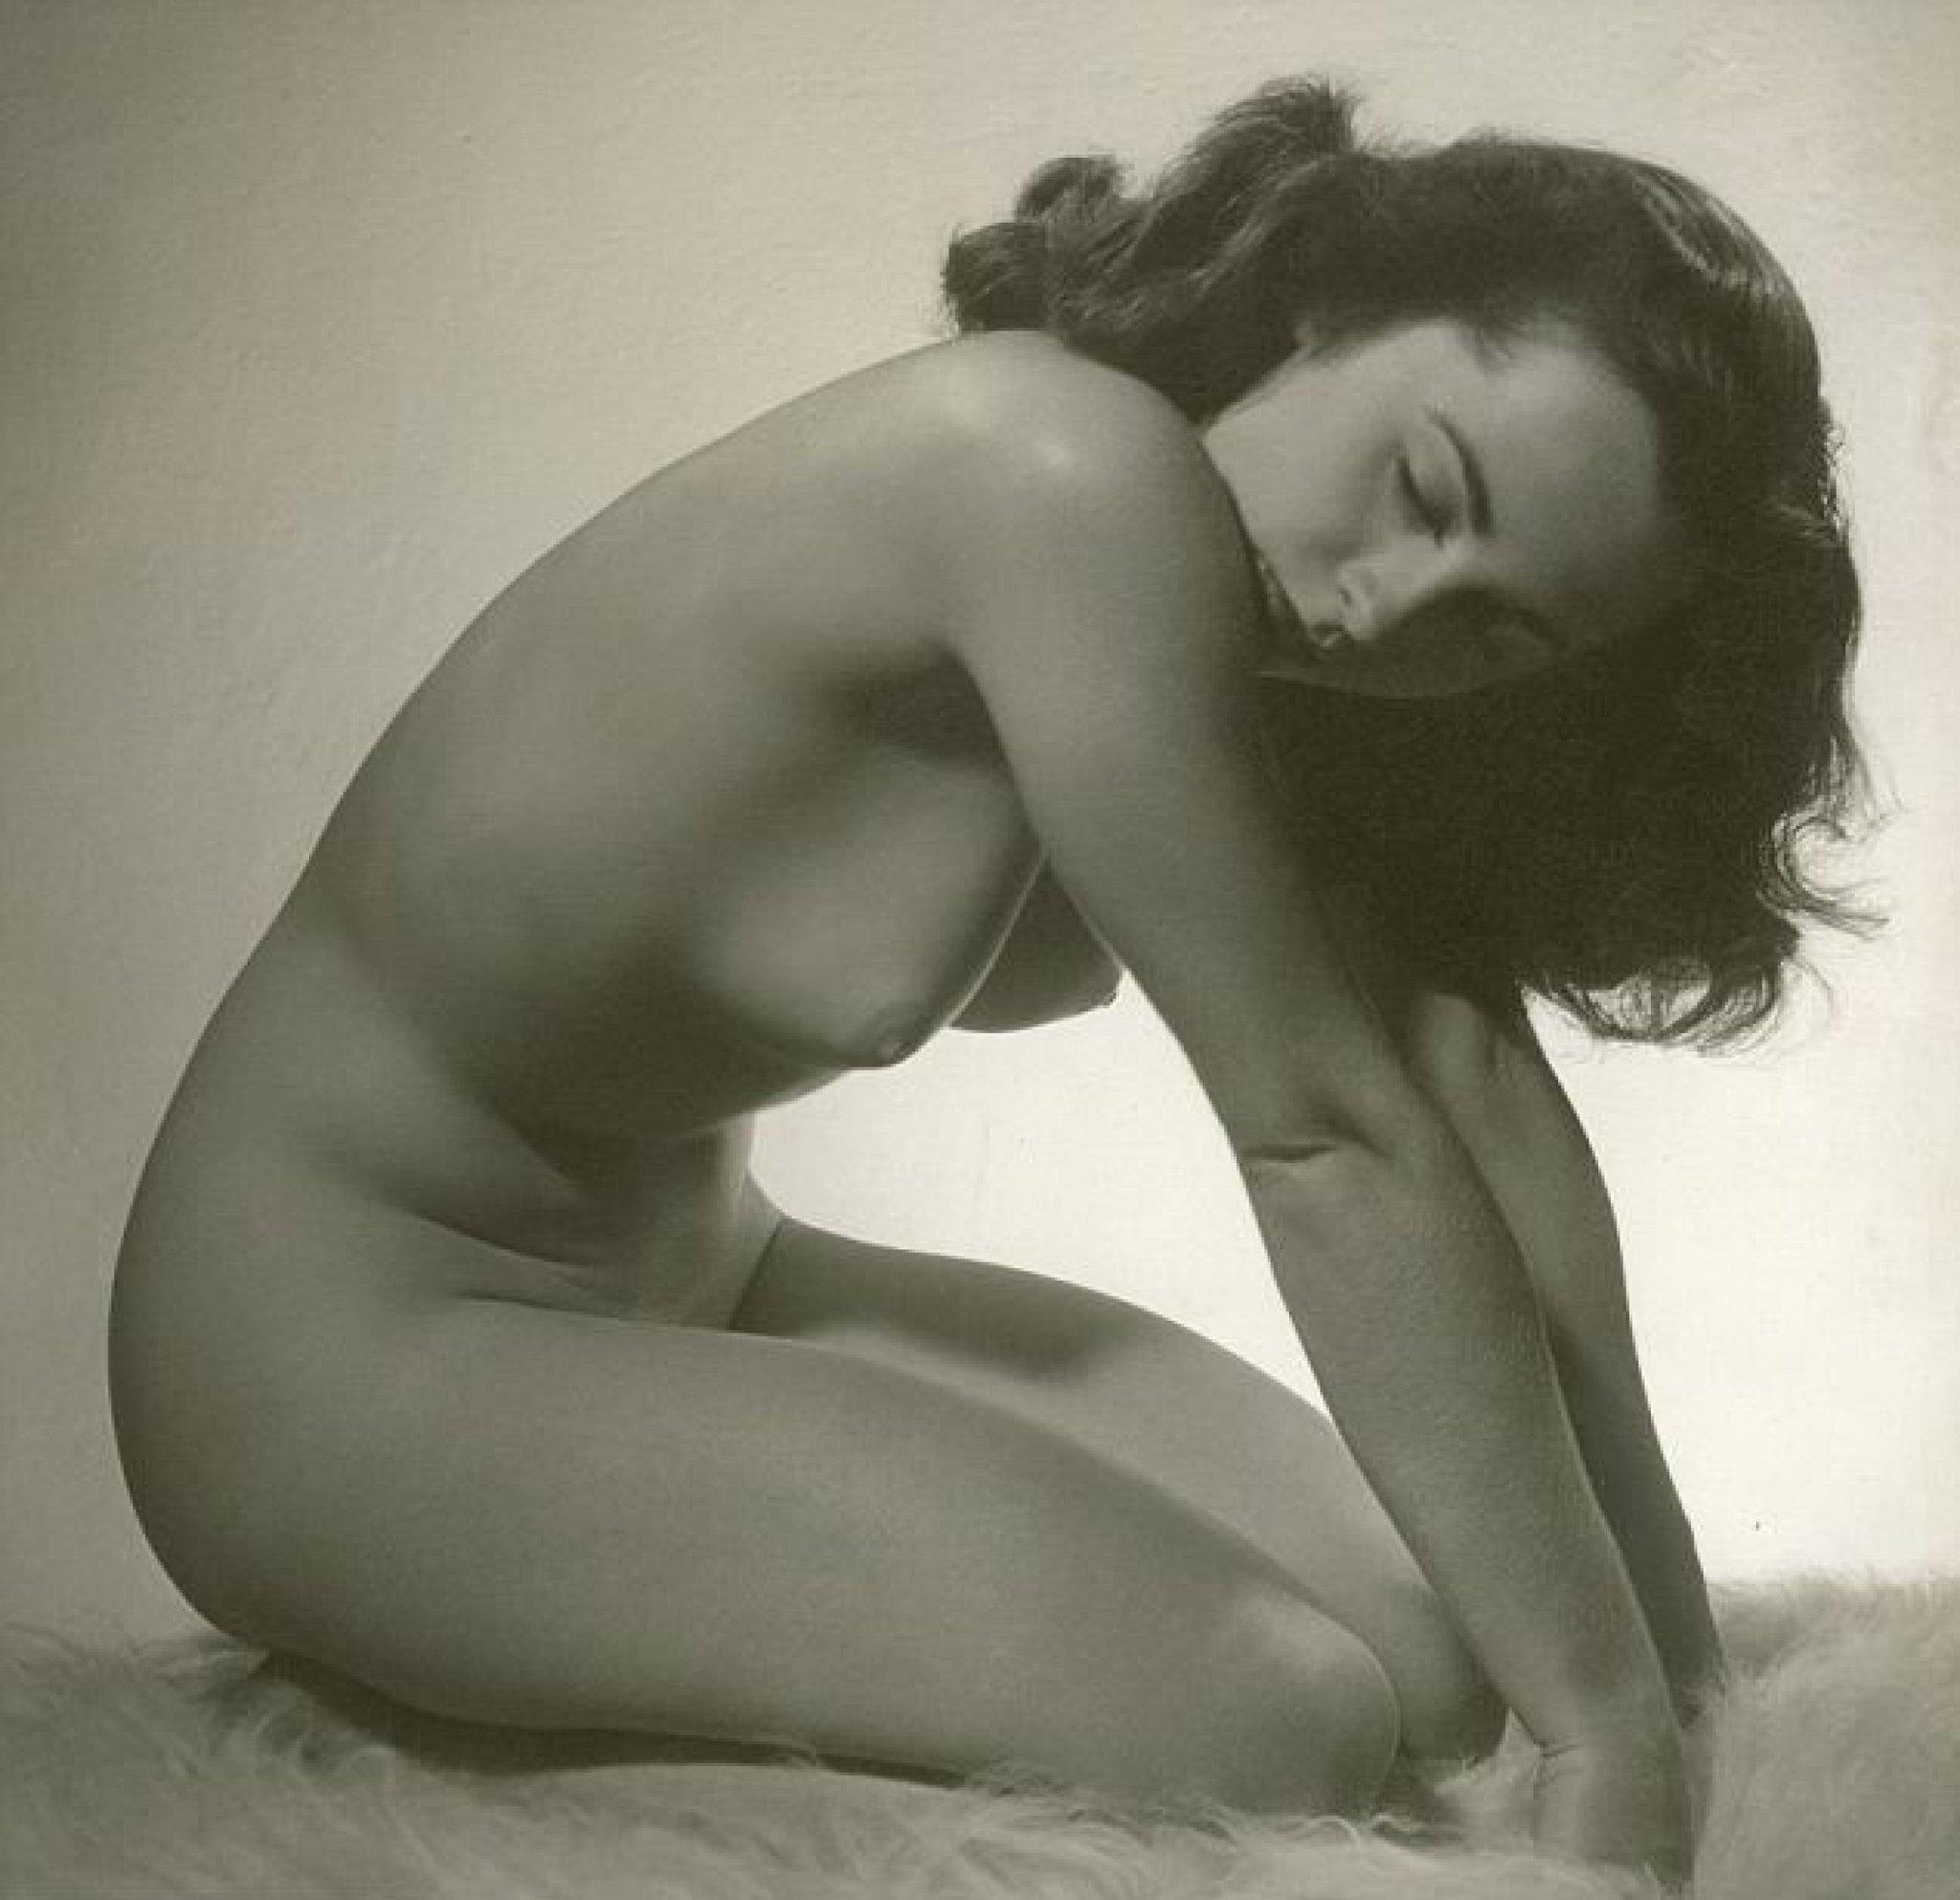 elizabeth-taylor-on-nude